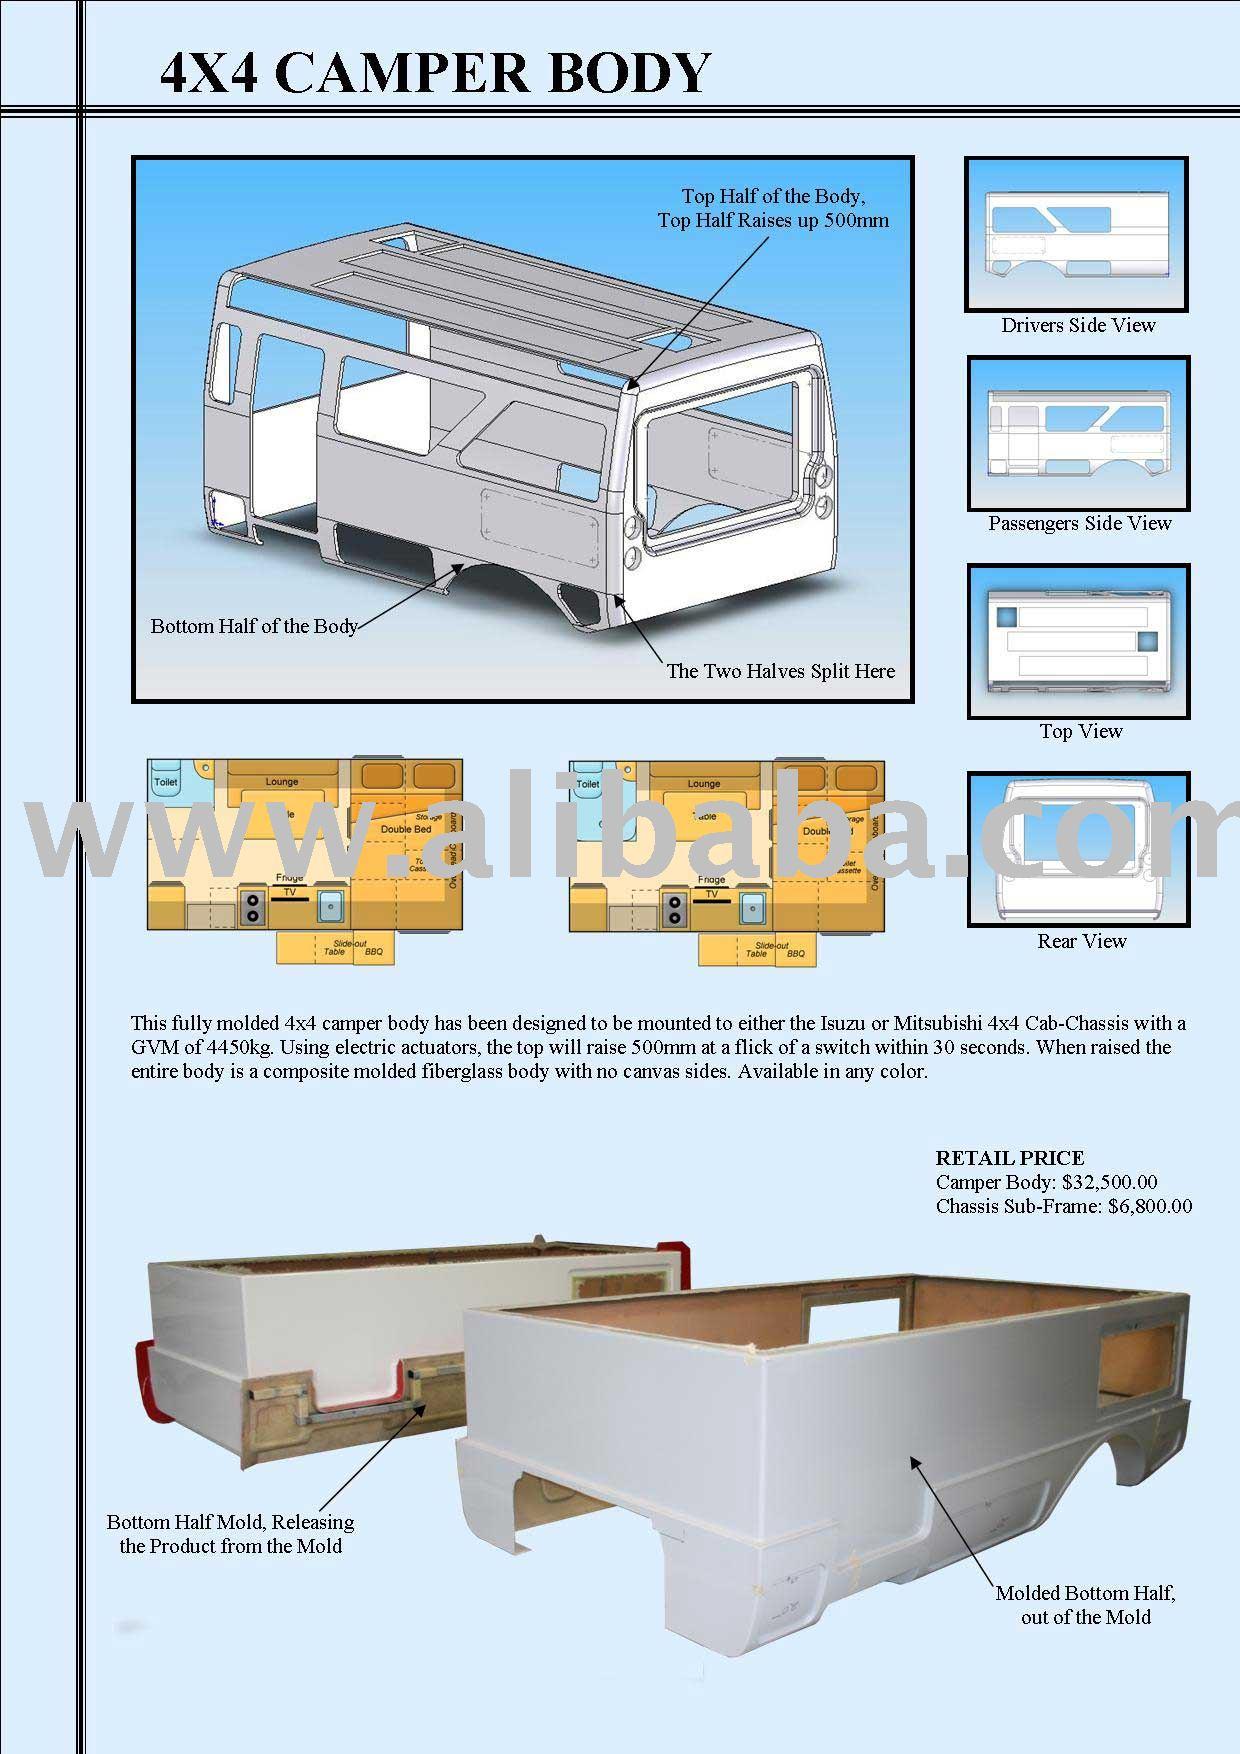 4 x 4 moteur corps de la maison atv id du produit for Cuisine 4x4